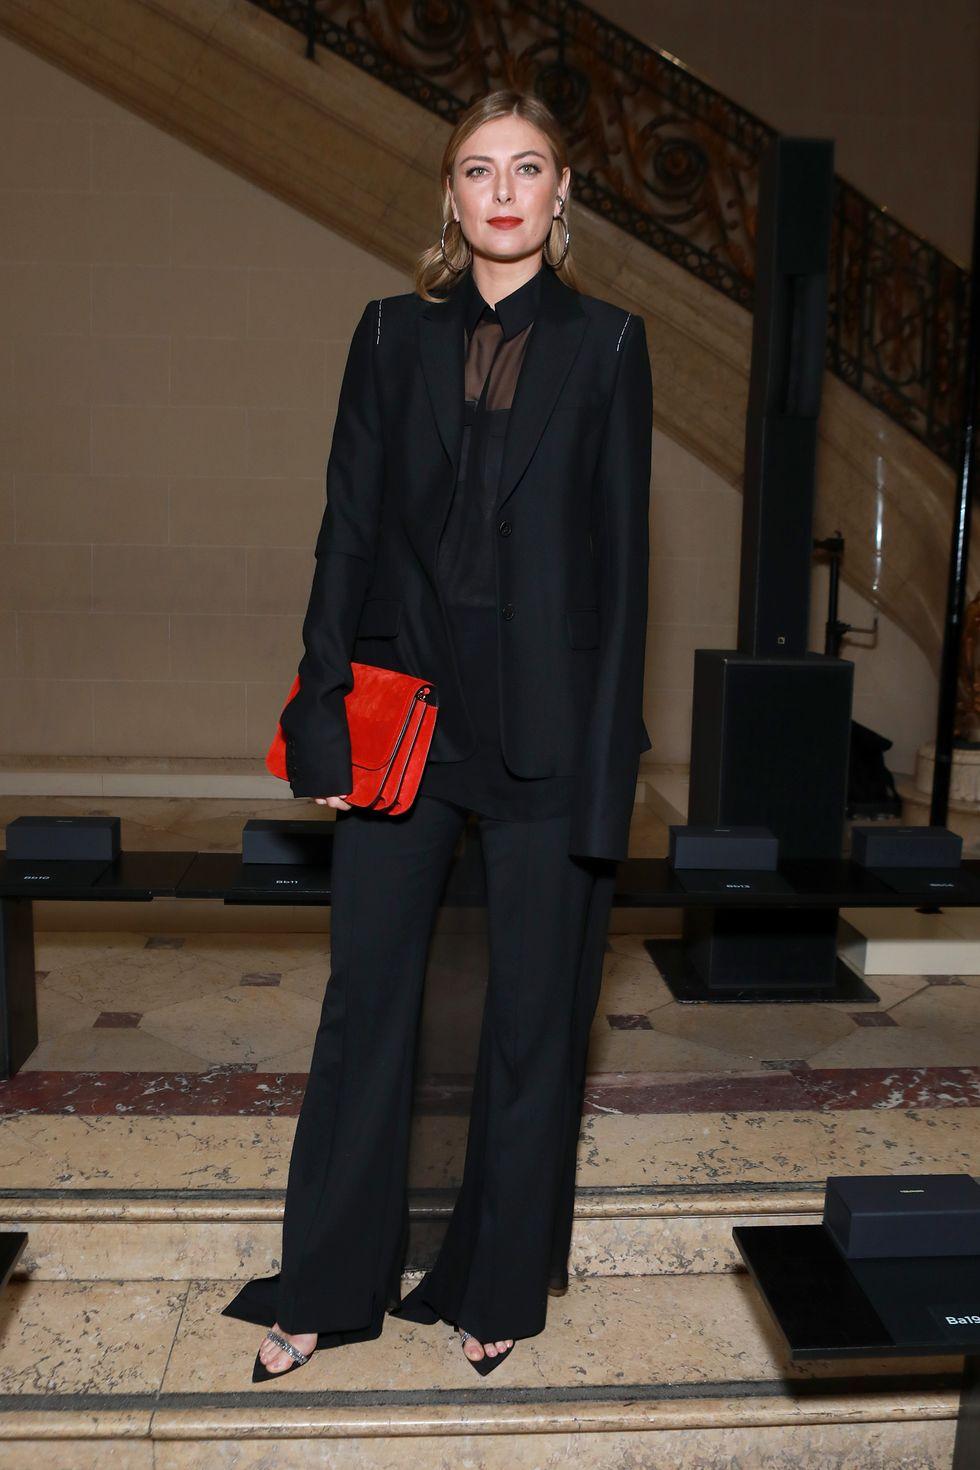 NYFW: todos los invitados al 'front row' de la Semana de la Moda de Nueva York